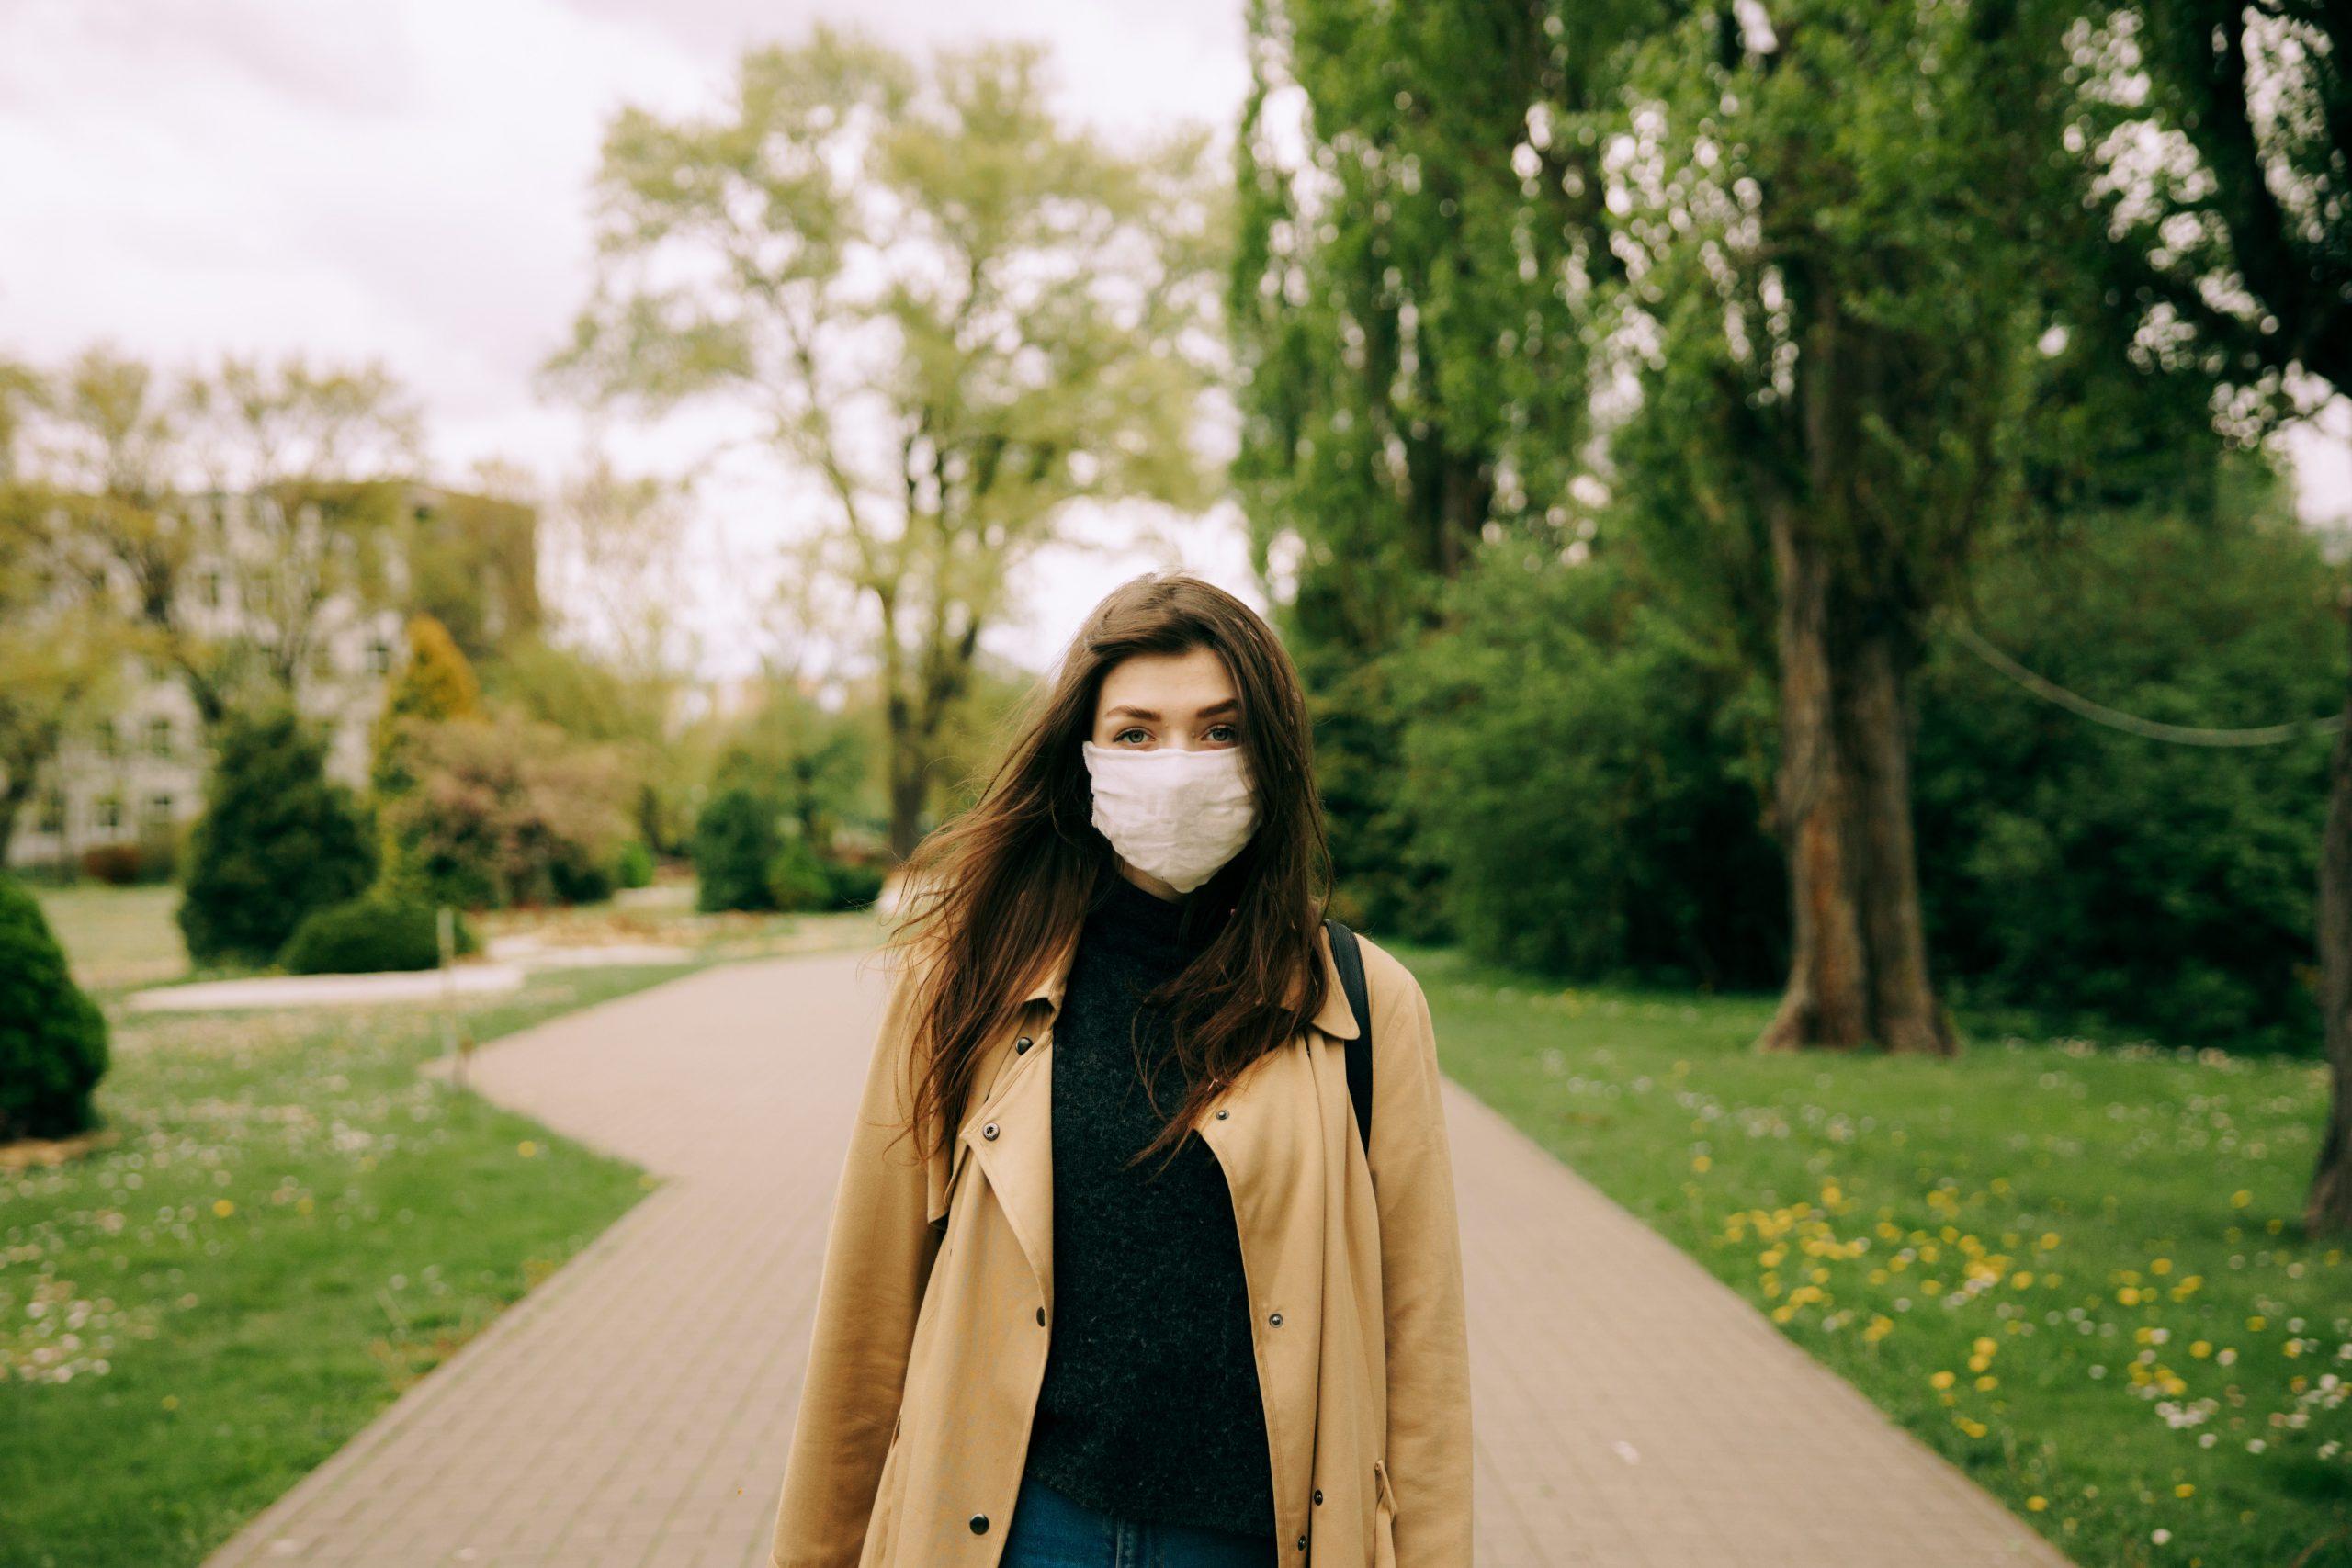 Expertos afirman que las mascarillas no generan riesgo para la salud